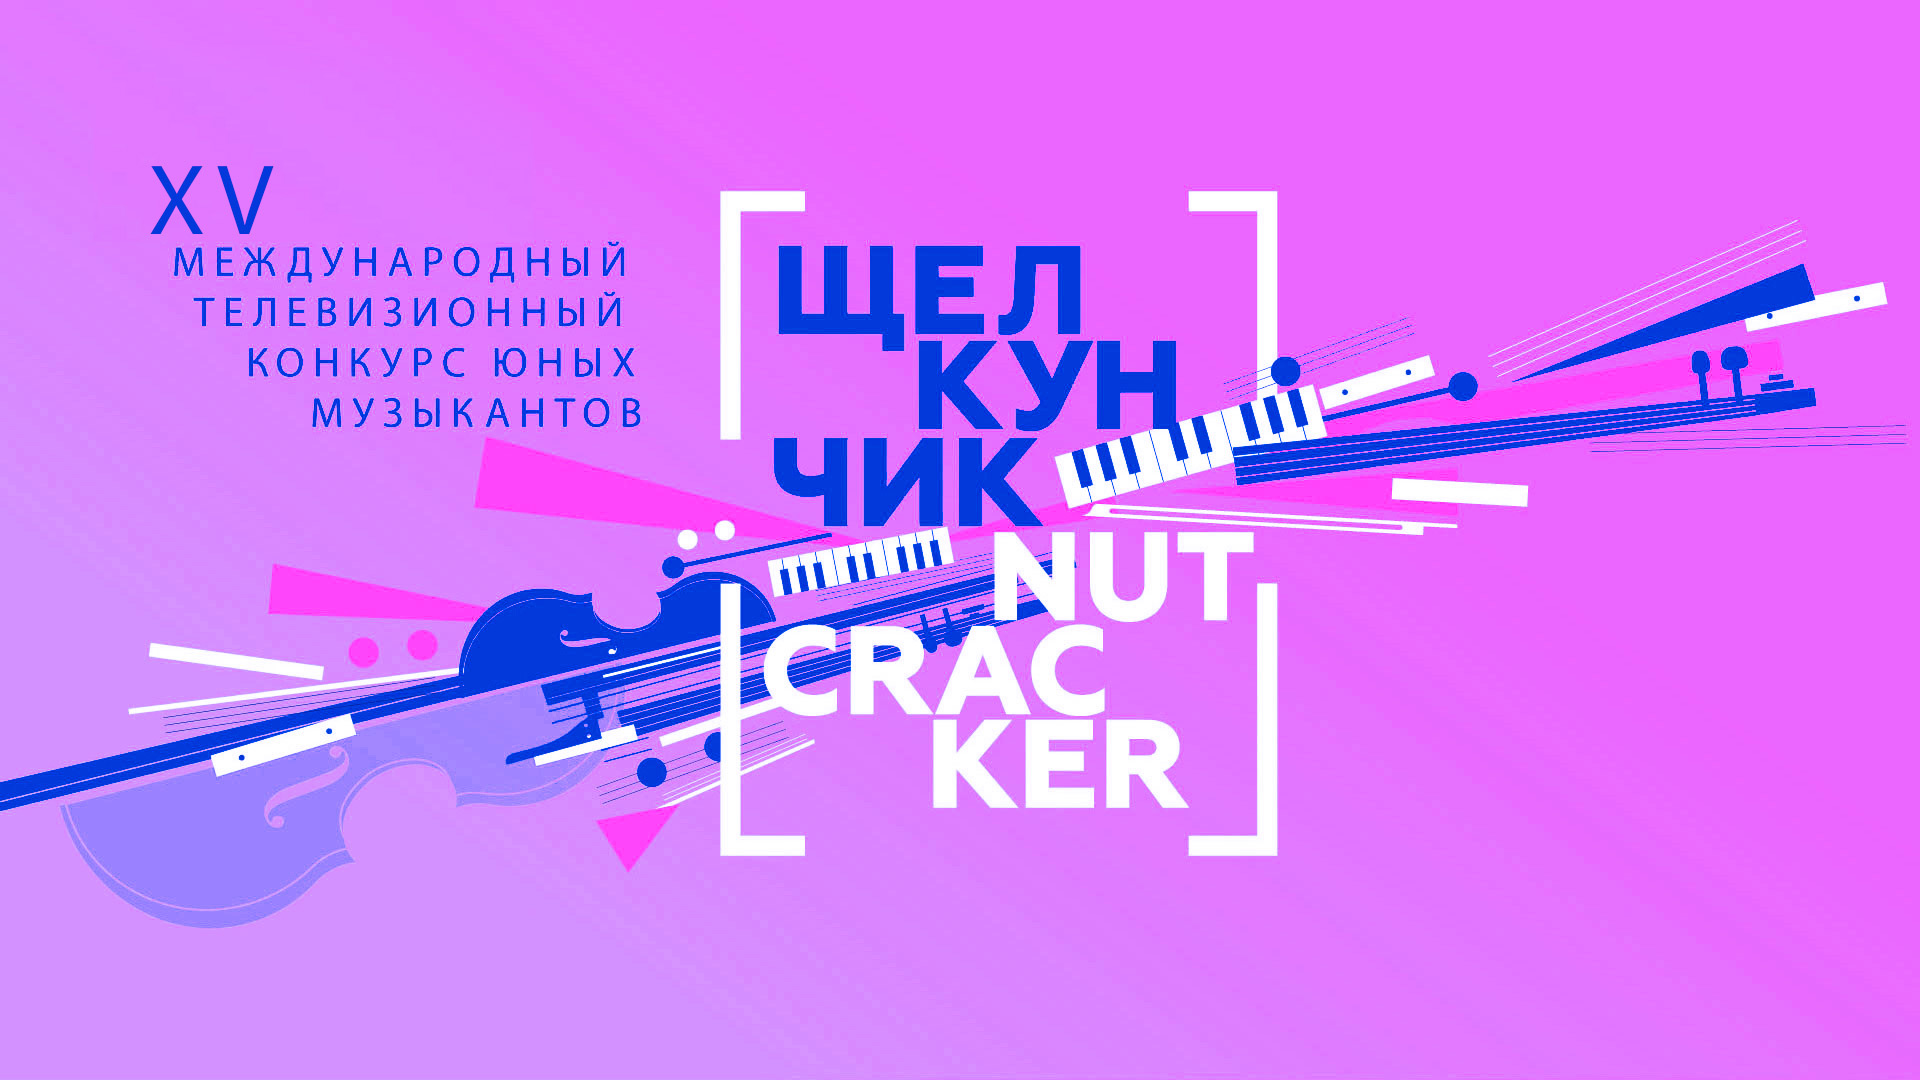 Щелкунчик. XV Международный телевизионный конкурс юных музыкантов